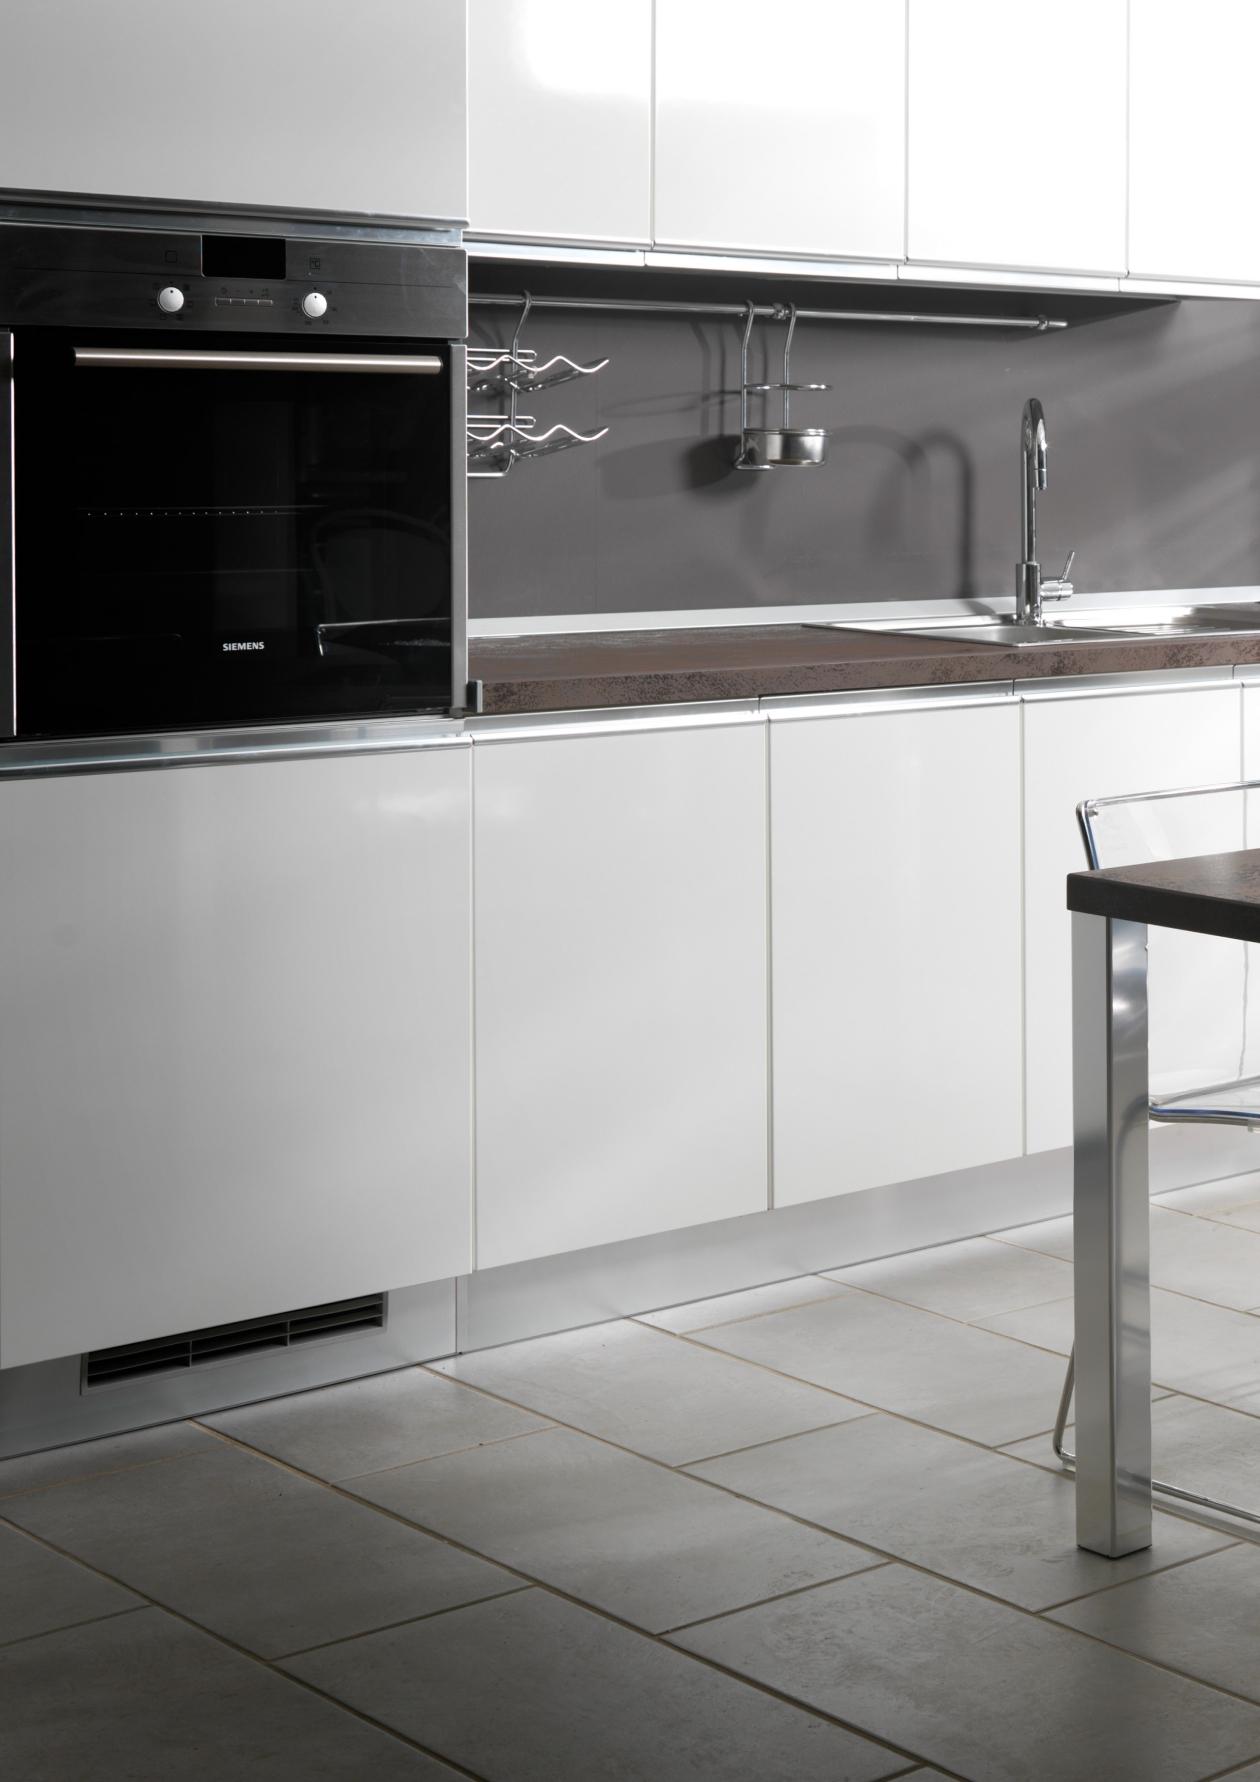 Piano Cucina Gres Opinioni easy top: le soluzioni del gres porcellanato - mondopratico.it